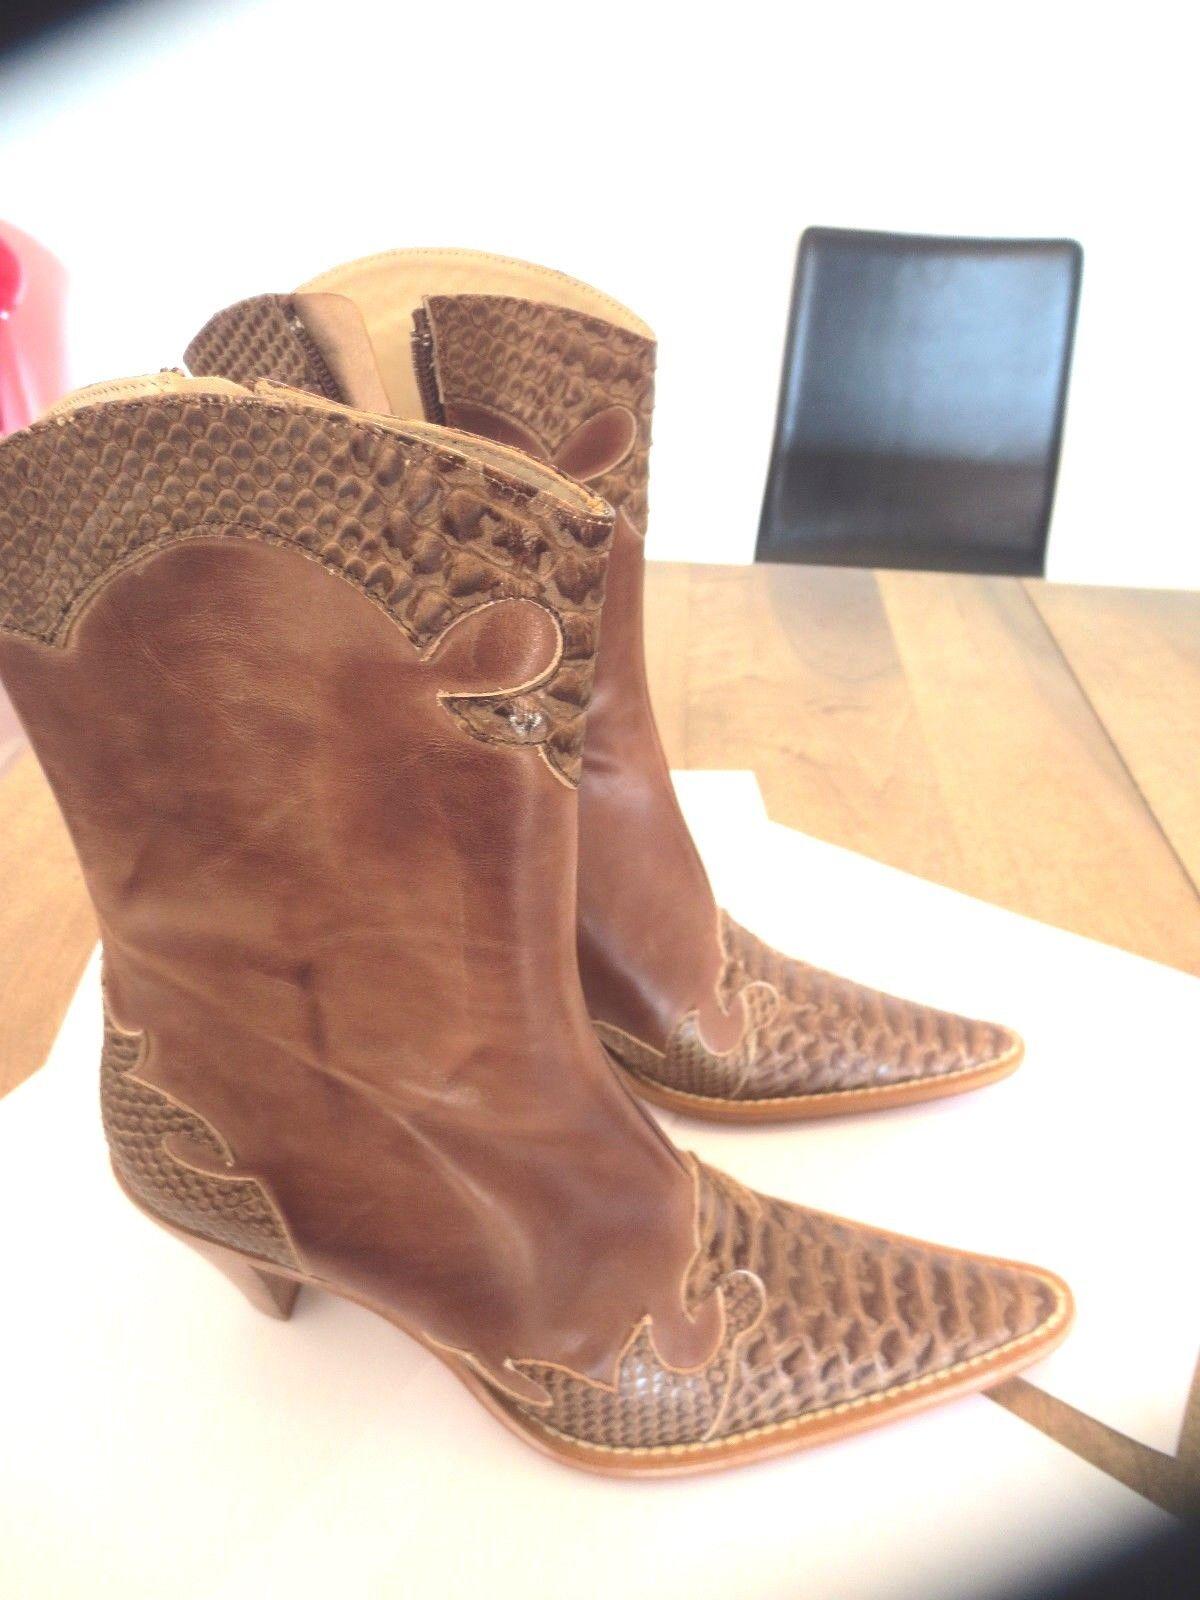 Boots forme santiag cuir beige NEUVE Valeur149E talon 7cm Pointures 37, 38,41